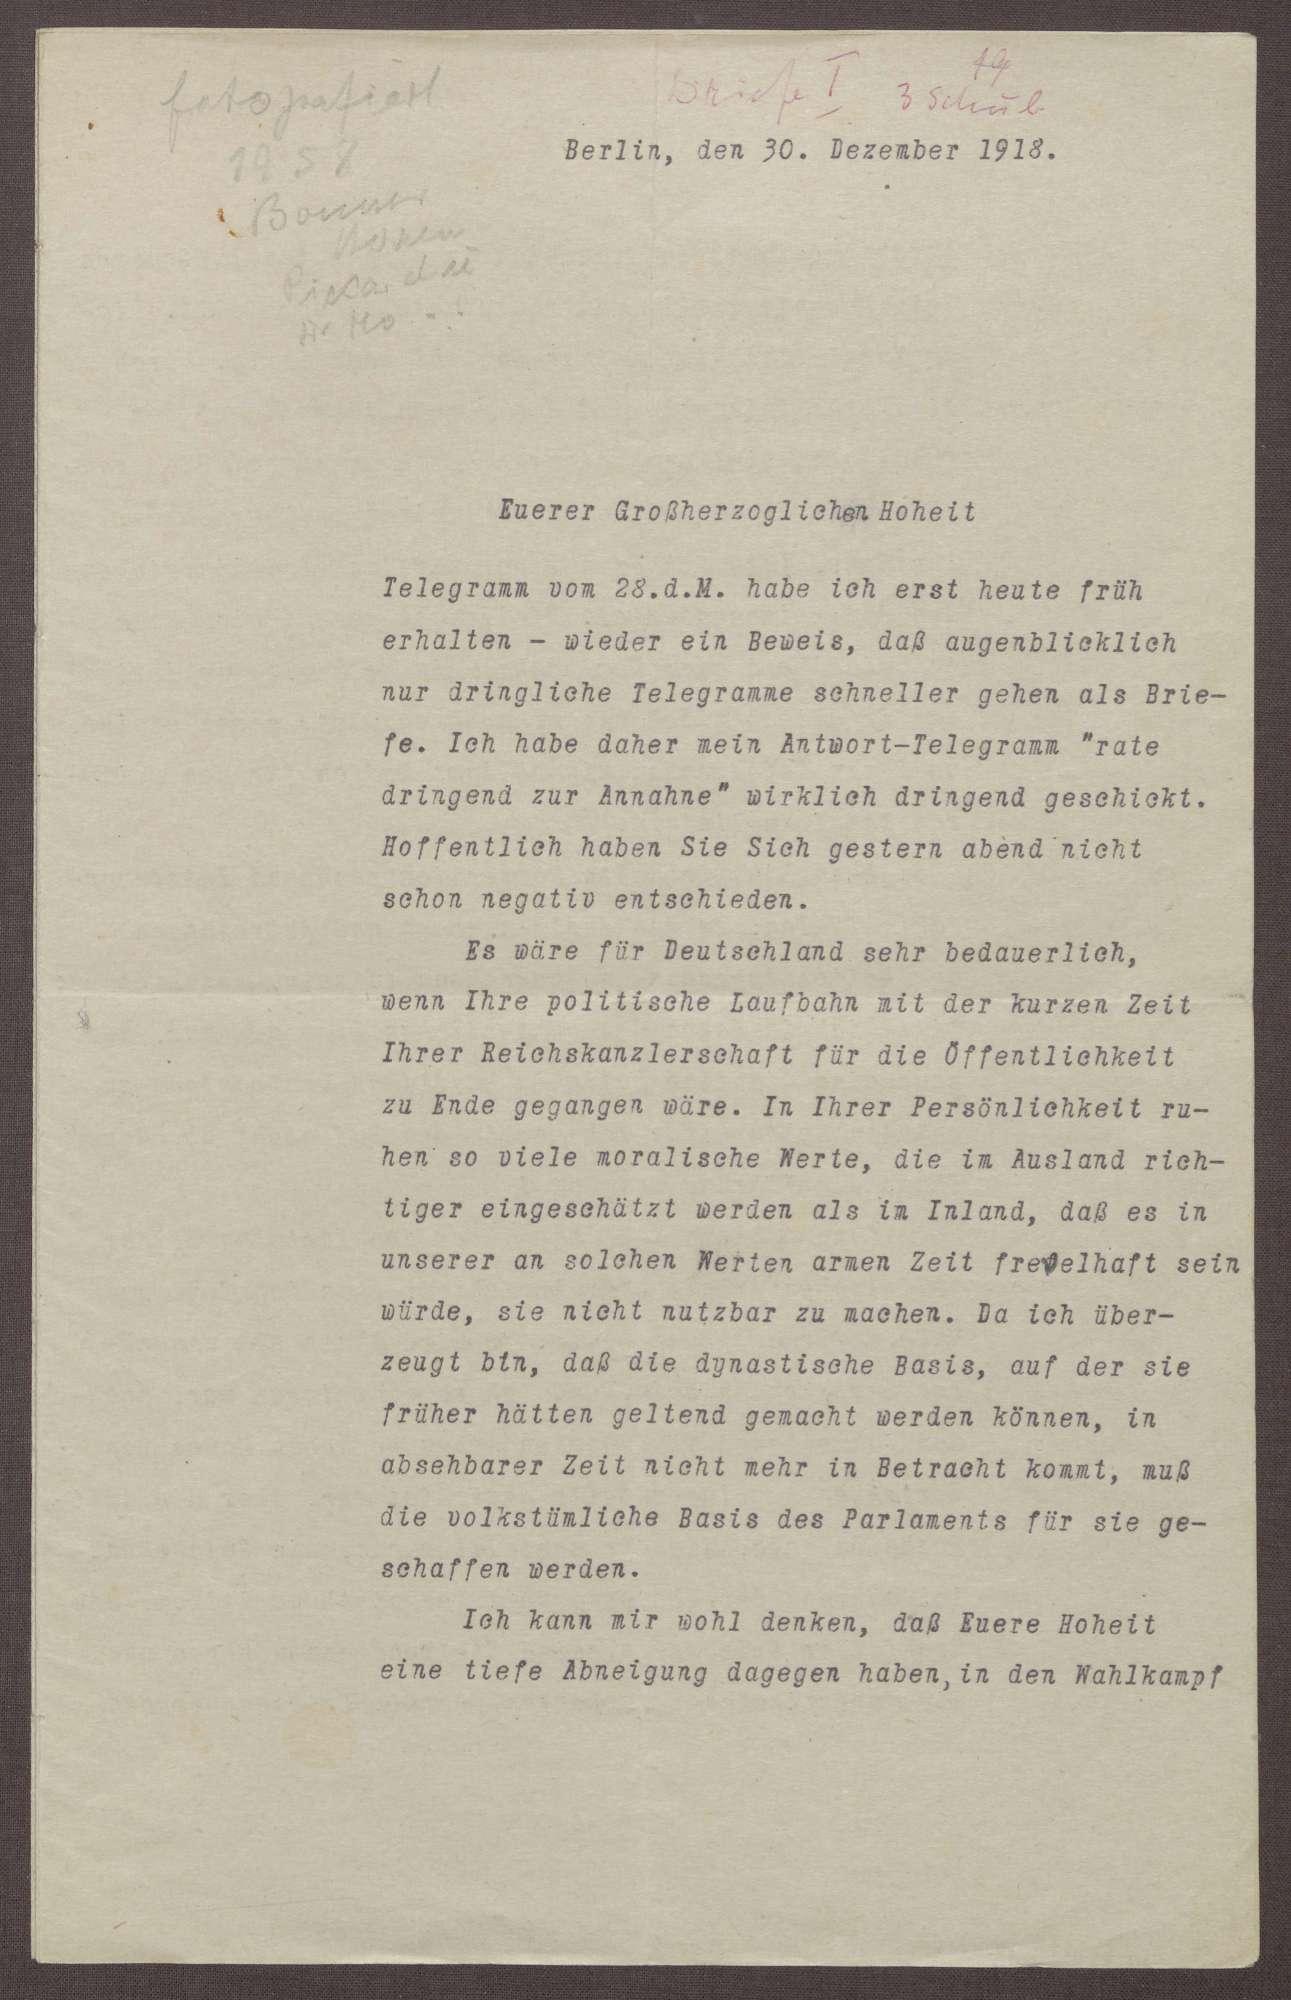 Schreiben von Walter Simons an Prinz Max von Baden; Kandidatur des Prinzen Max für die Wahlen zum Reichspräsidenten 1919, Umbrüche in der Reichskanzlei, Einschätzungen zur Stellung von Friedrich Ebert, Bild 1